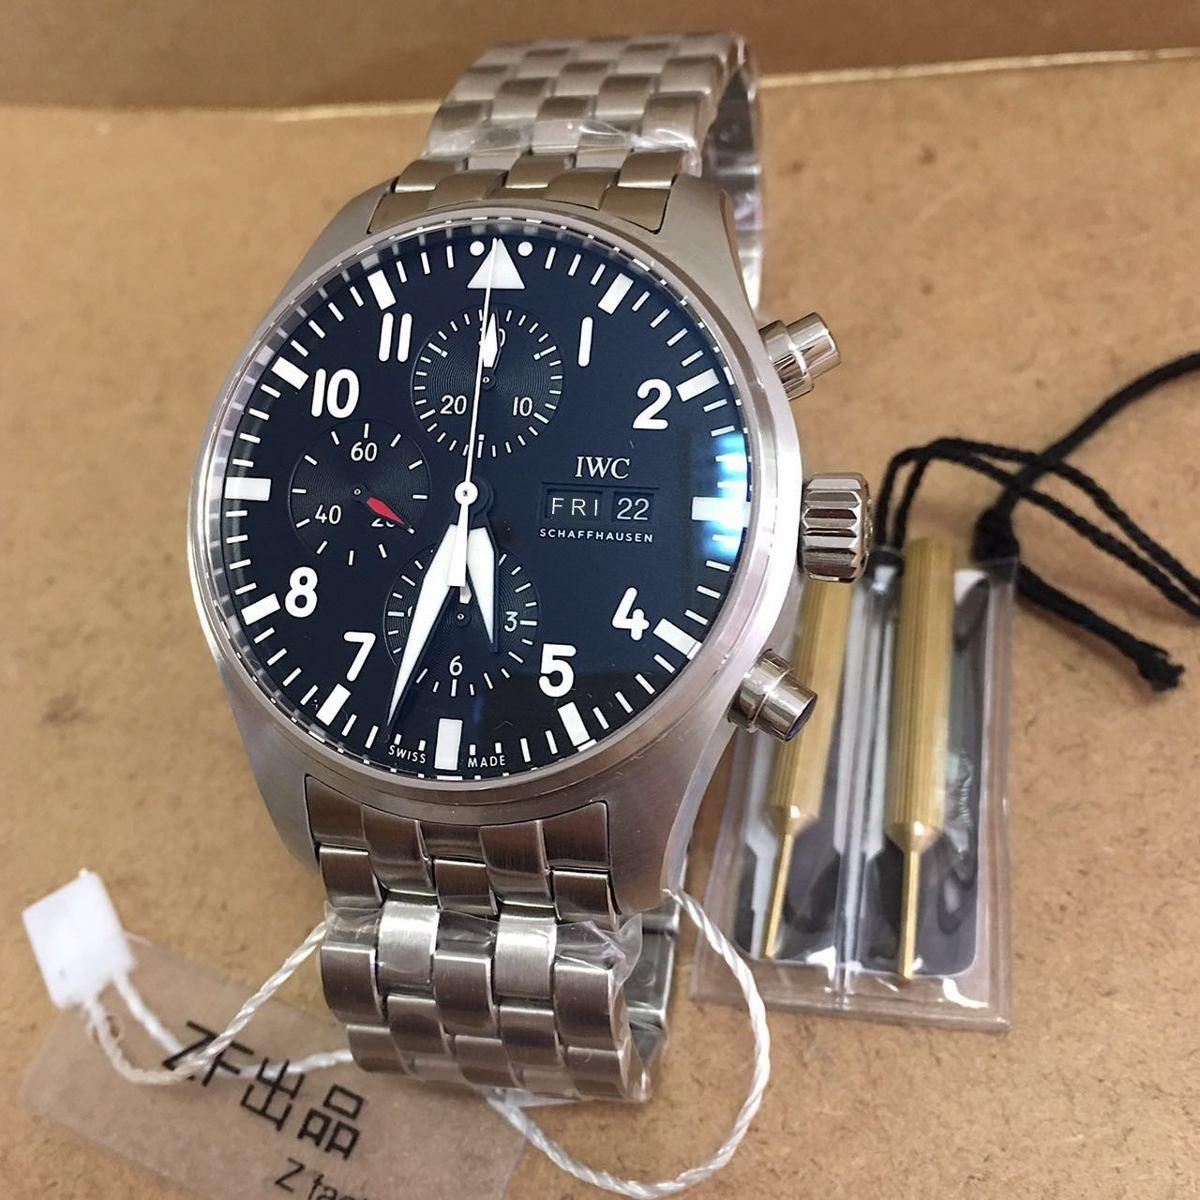 cb09a7aabe5 relógio iwc pilot eta a7750 automático. Carregando zoom.